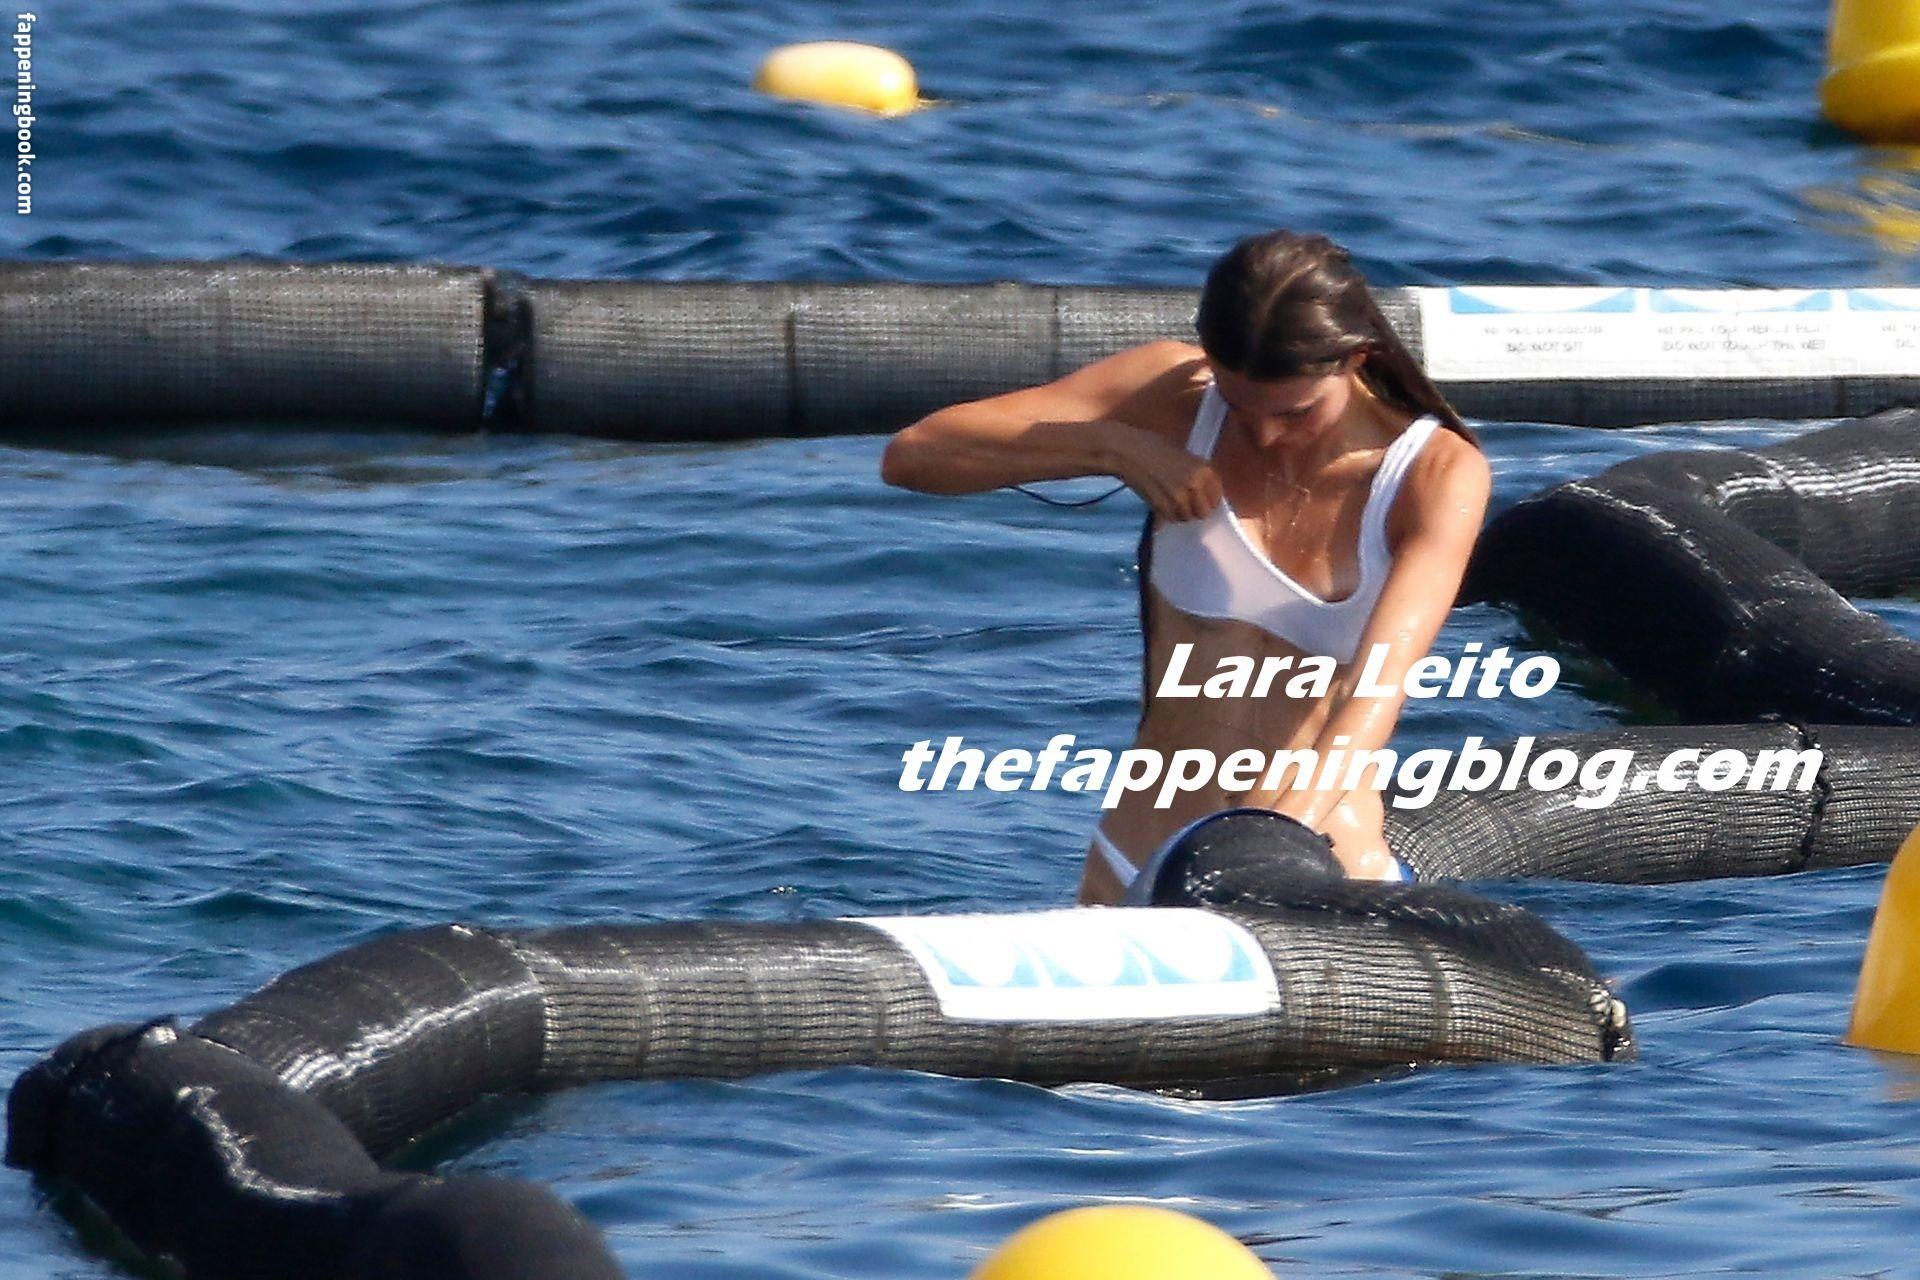 Lara Leito